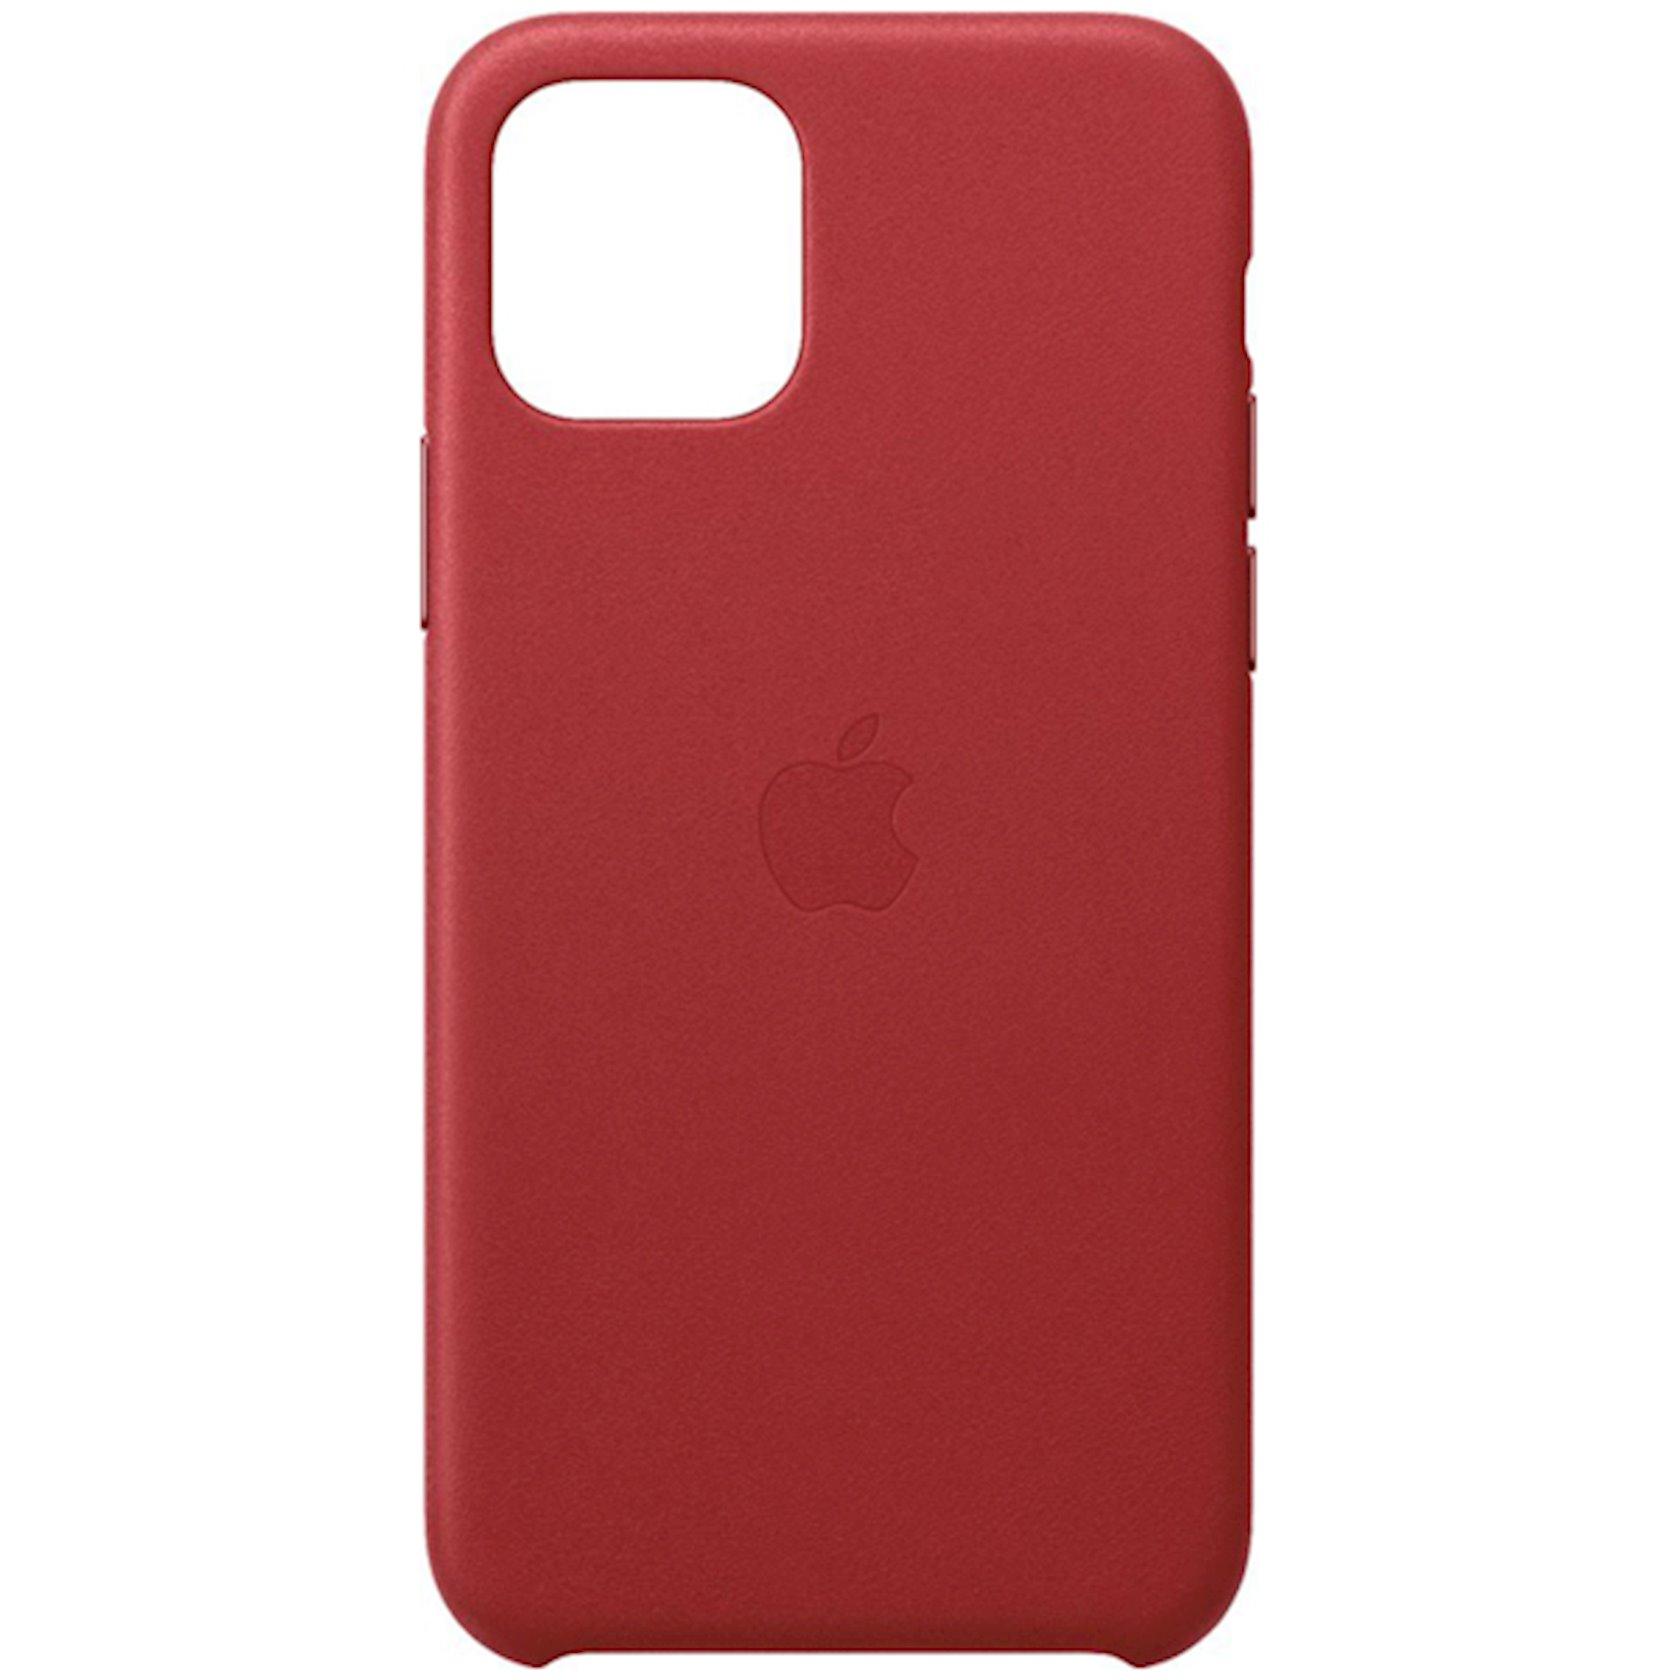 Çexol Leather Case Apple iPhone 11 Pro üçün  Red